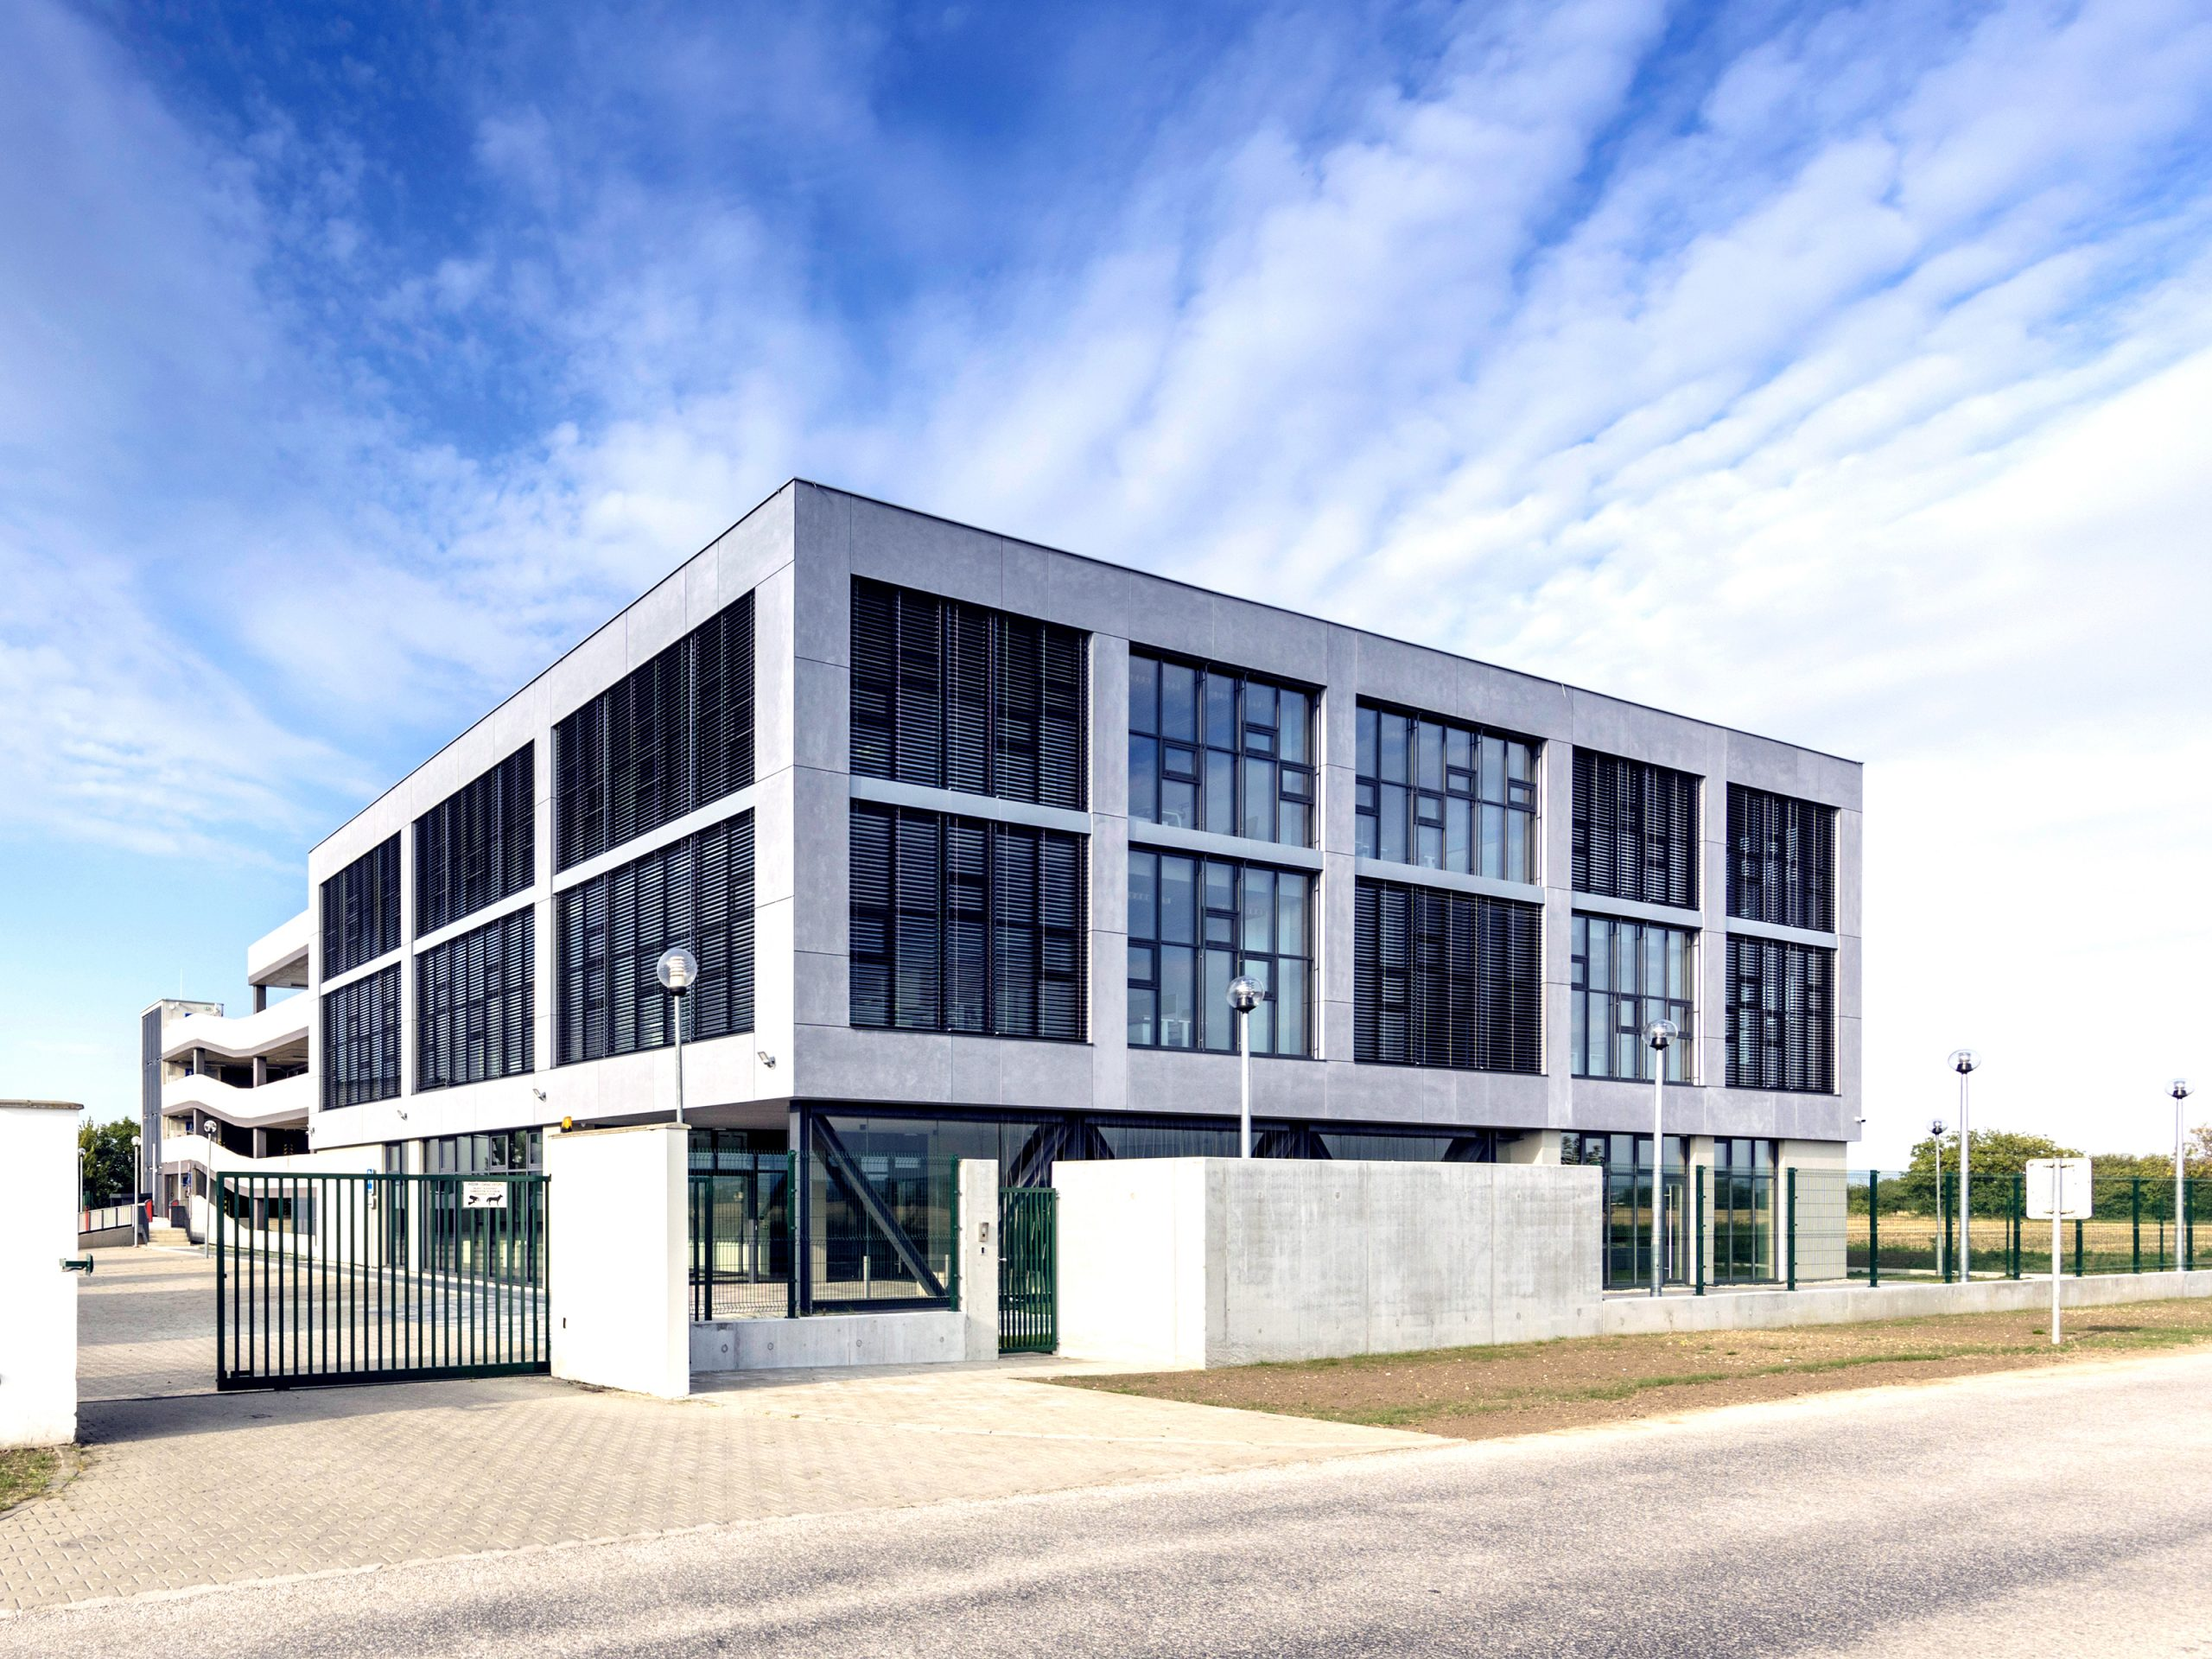 Administrativní budova EKOM, Piešťany, Slovensko